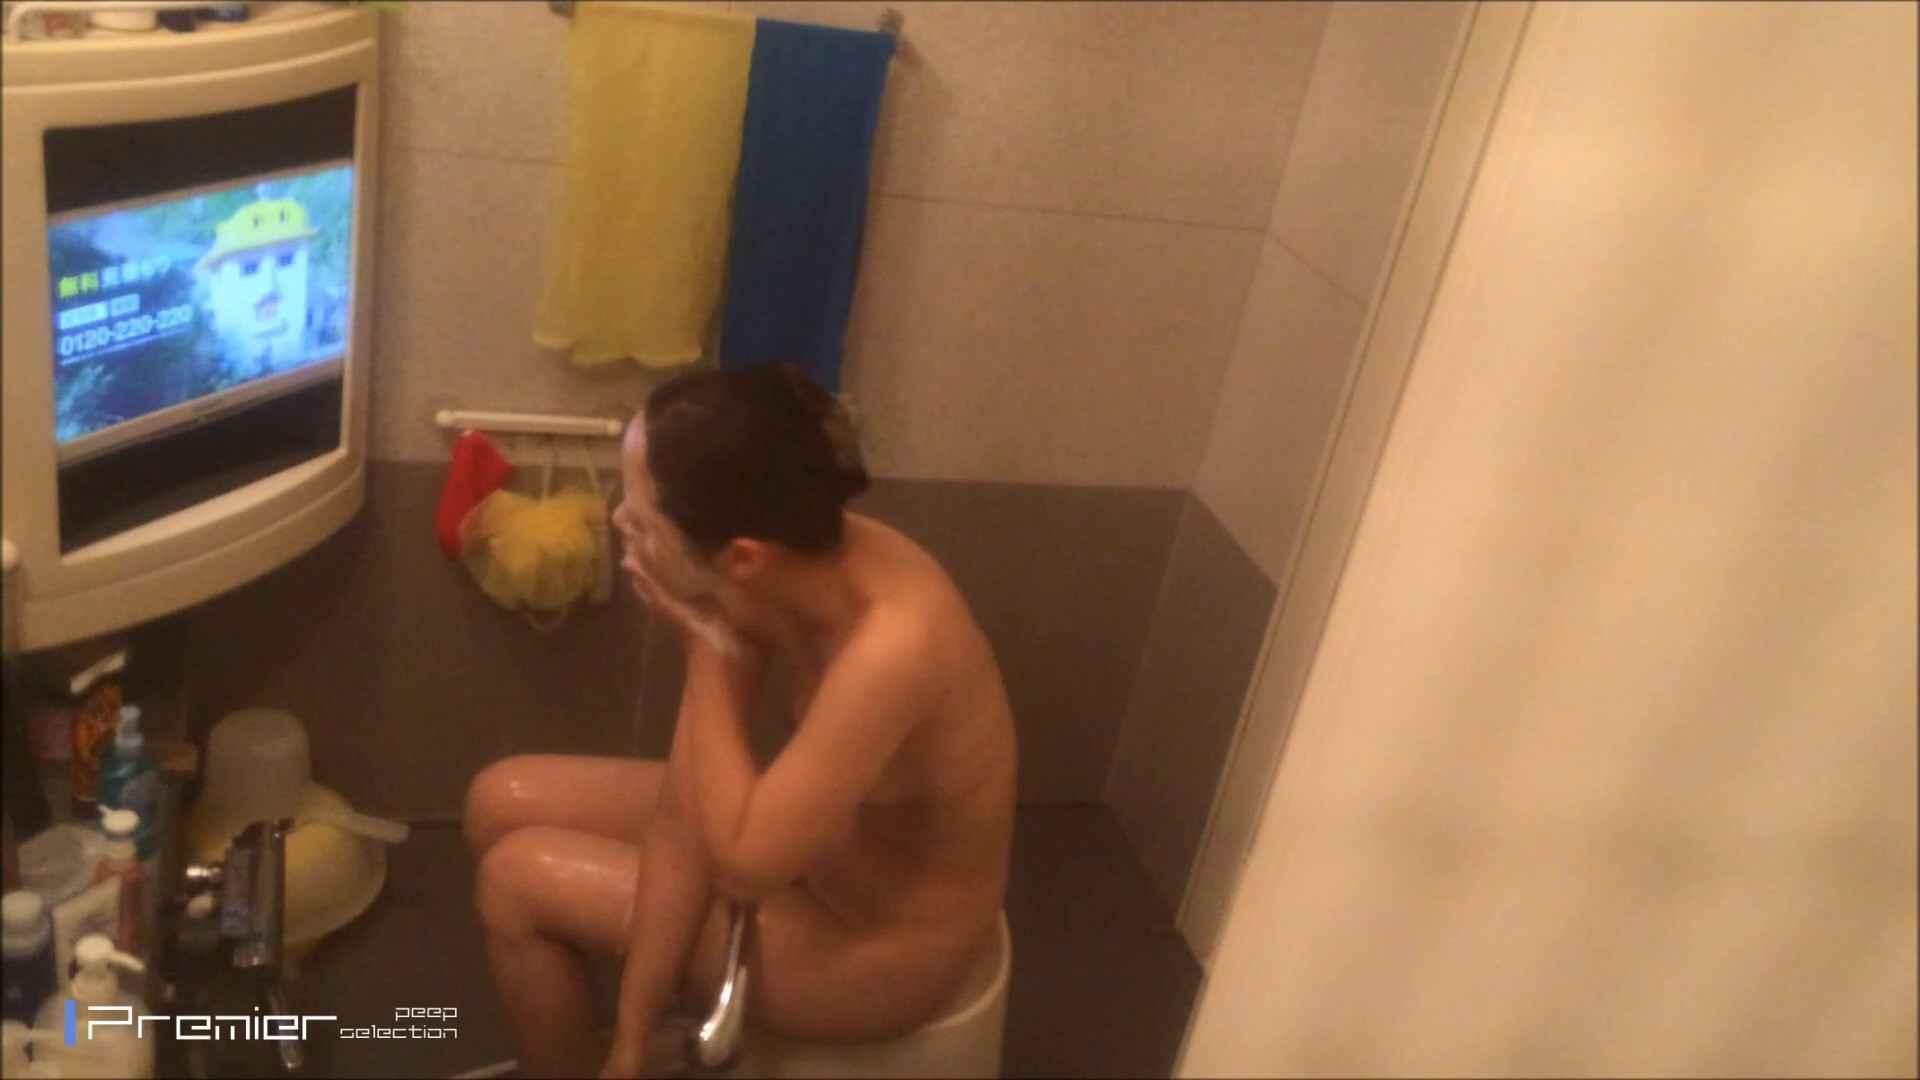 美女のテレビを見ながらの入浴 乙女の風呂場 Vol.21 丸見え アダルト動画キャプチャ 111画像 18